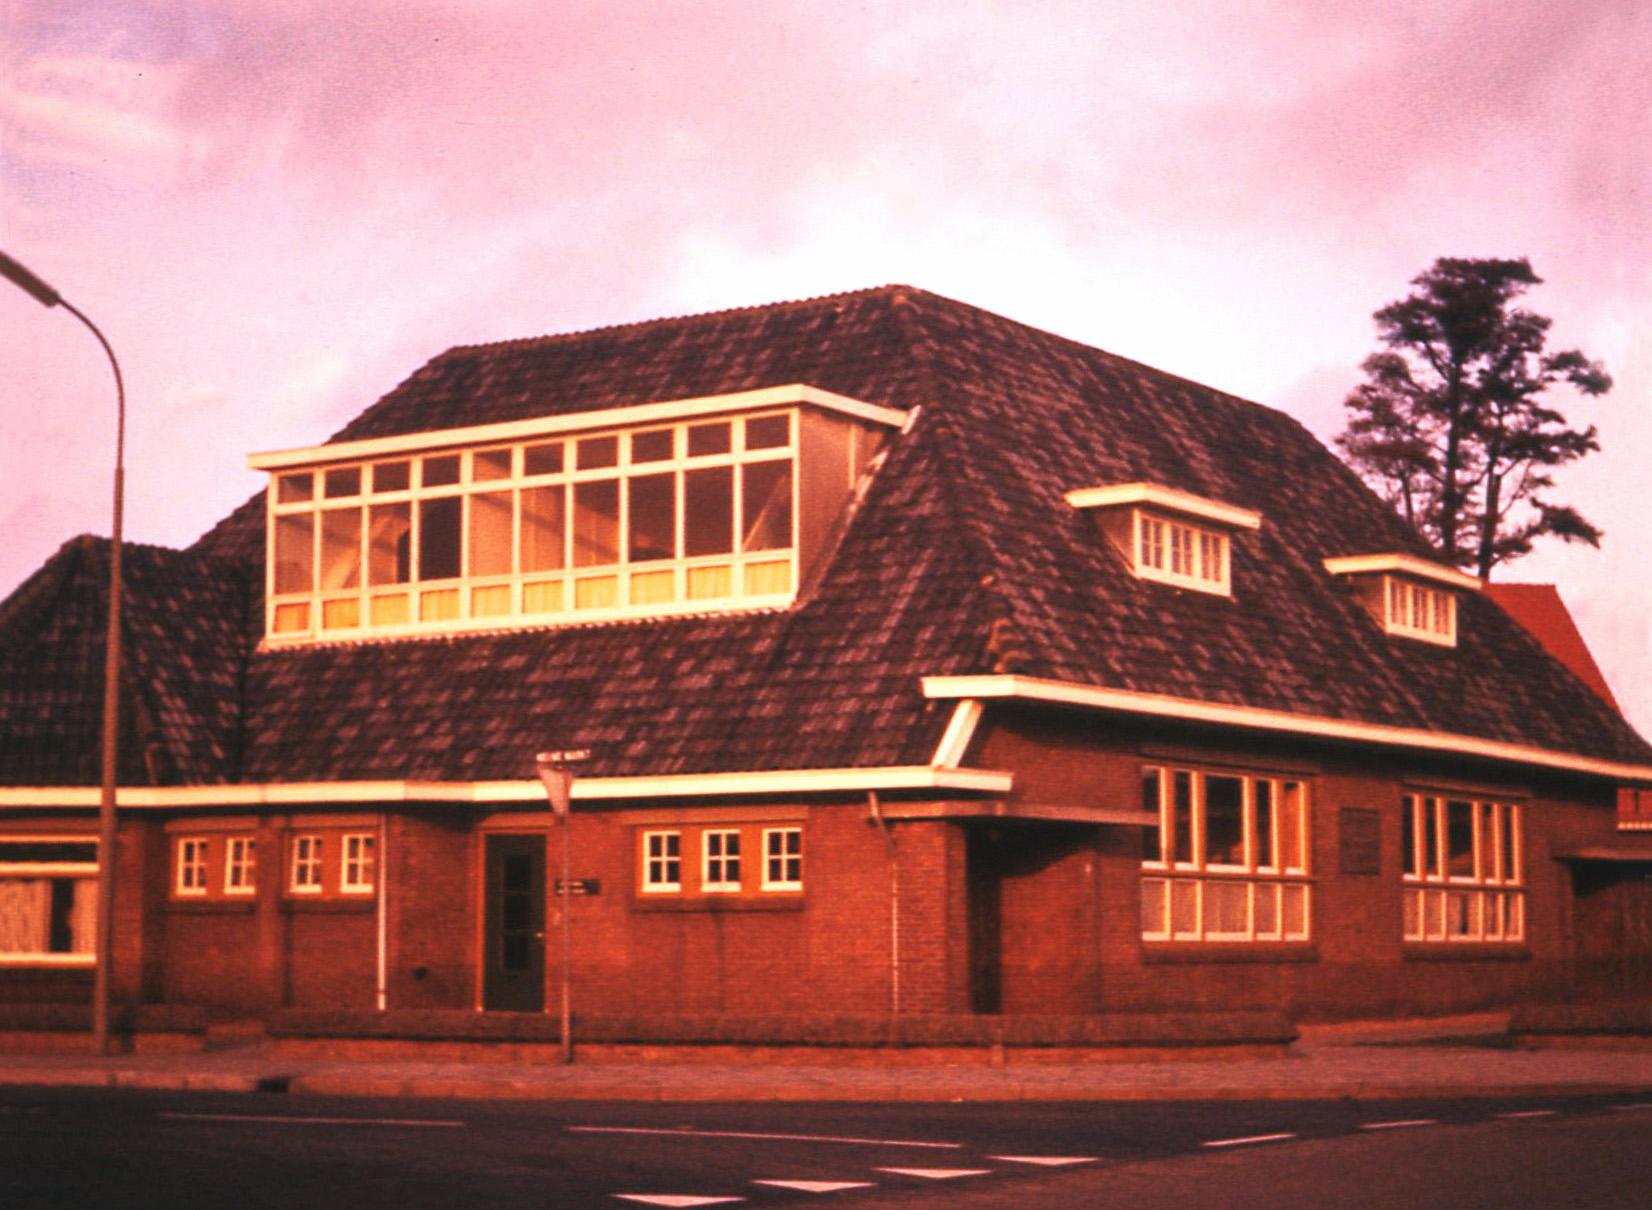 Het oude Rehoboth, voordat het in 1986 werd gesloopt en vervangen door nieuwbouw - Foto: ©Louis Fraanje